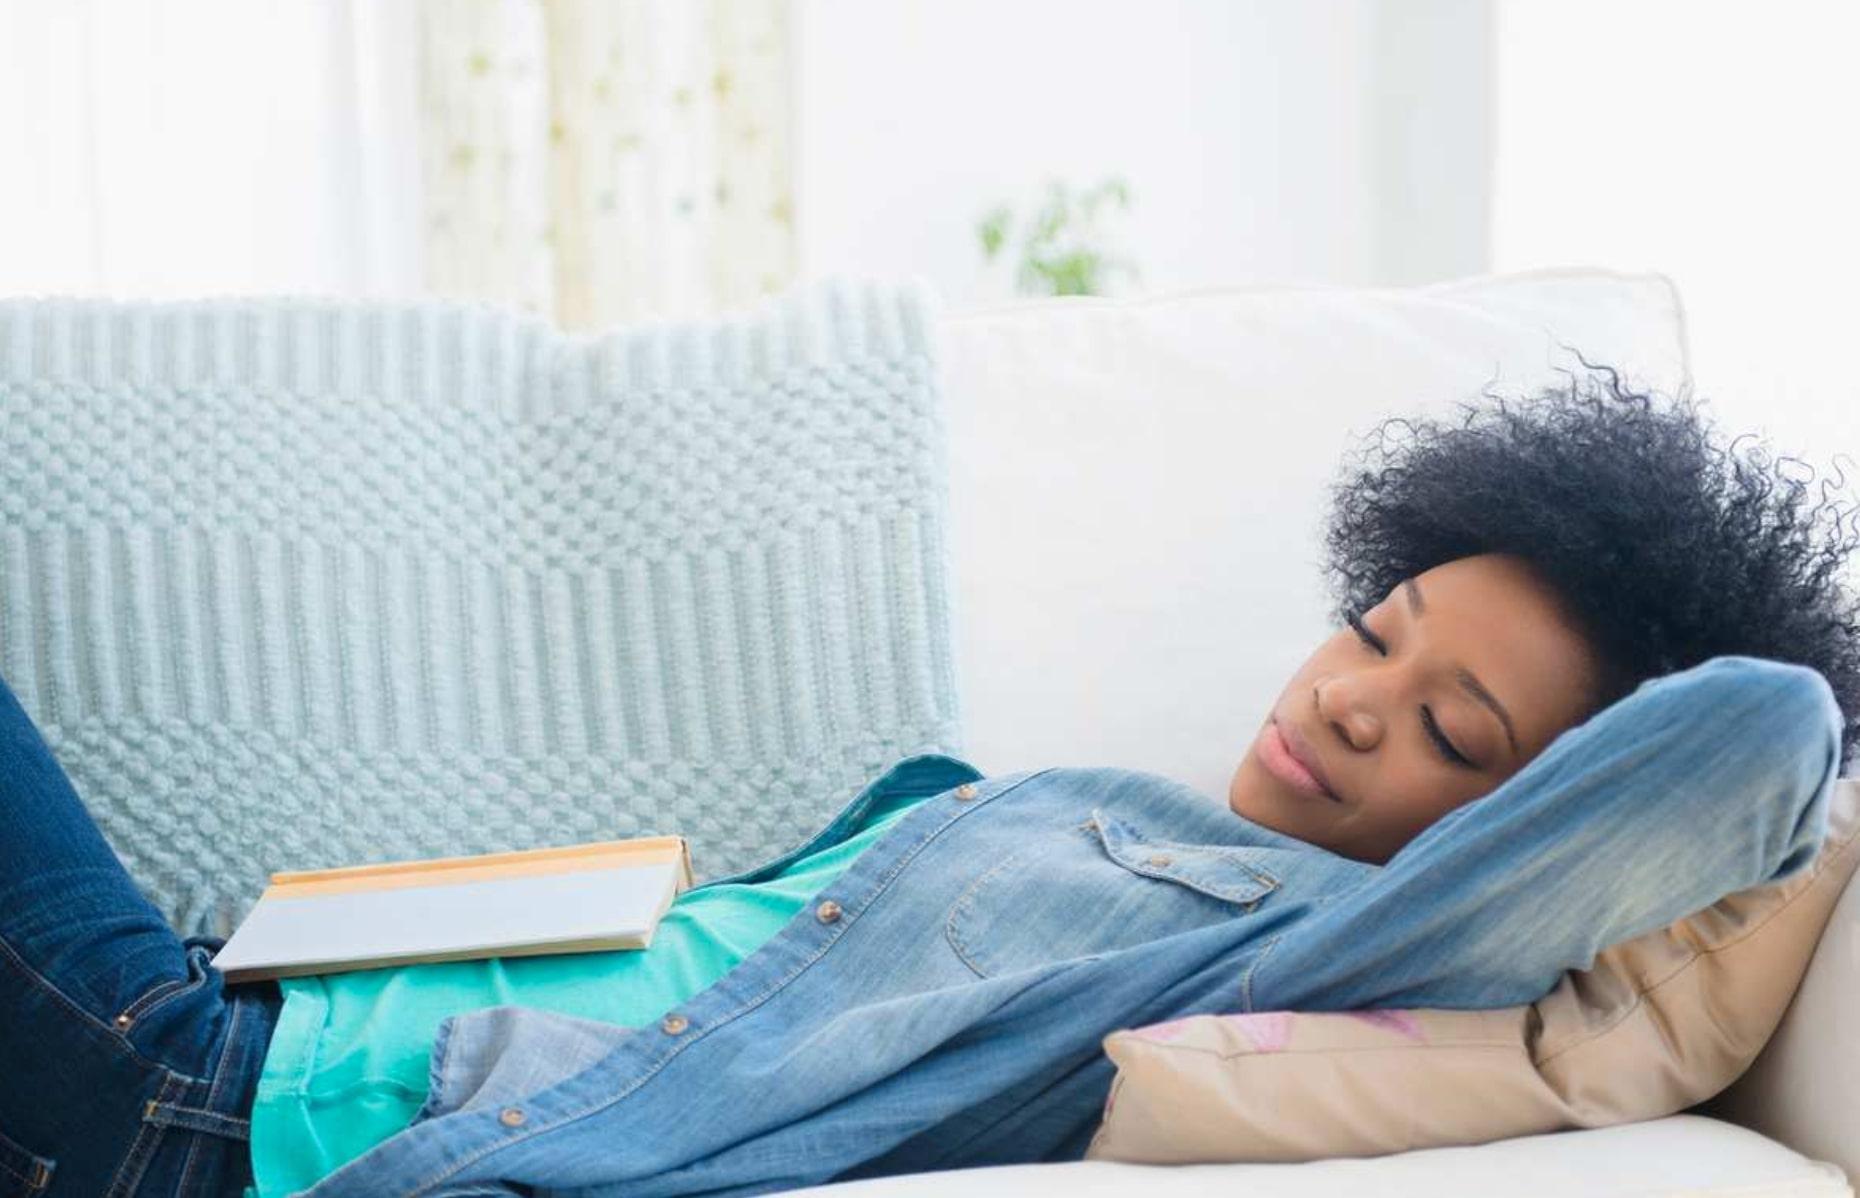 How Long Should A Nap Be?